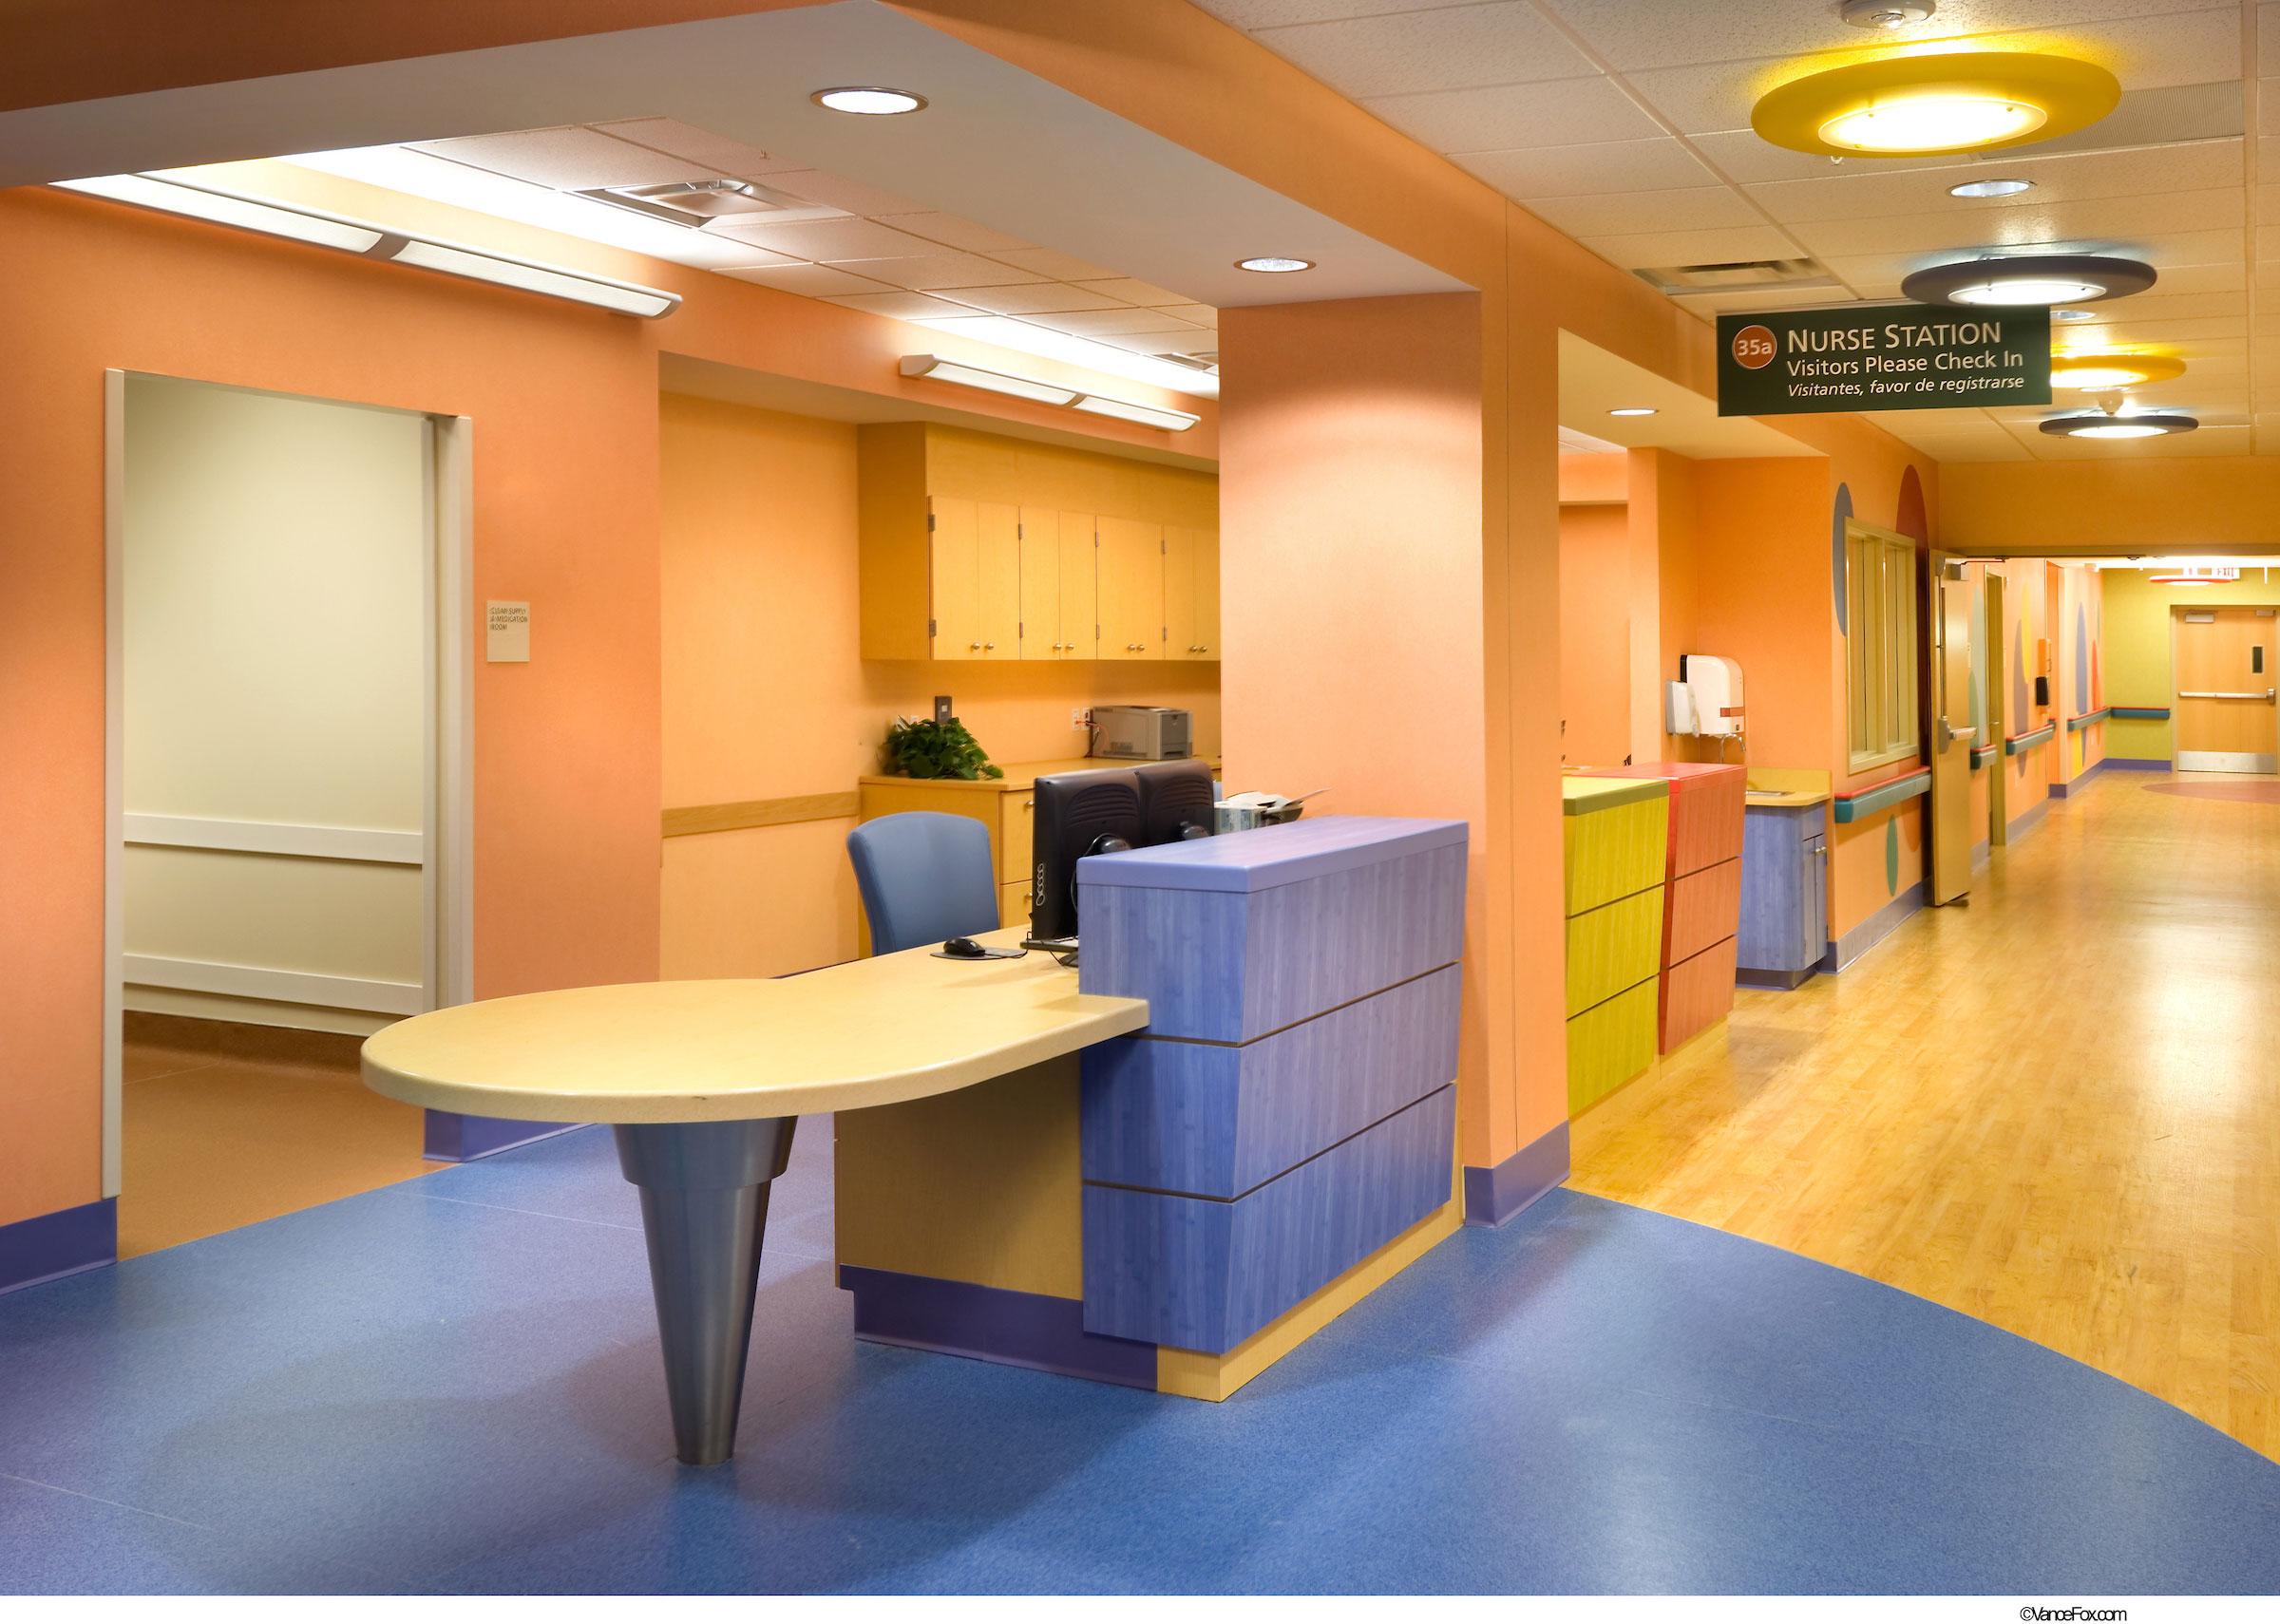 Pediatrics Nurse Station